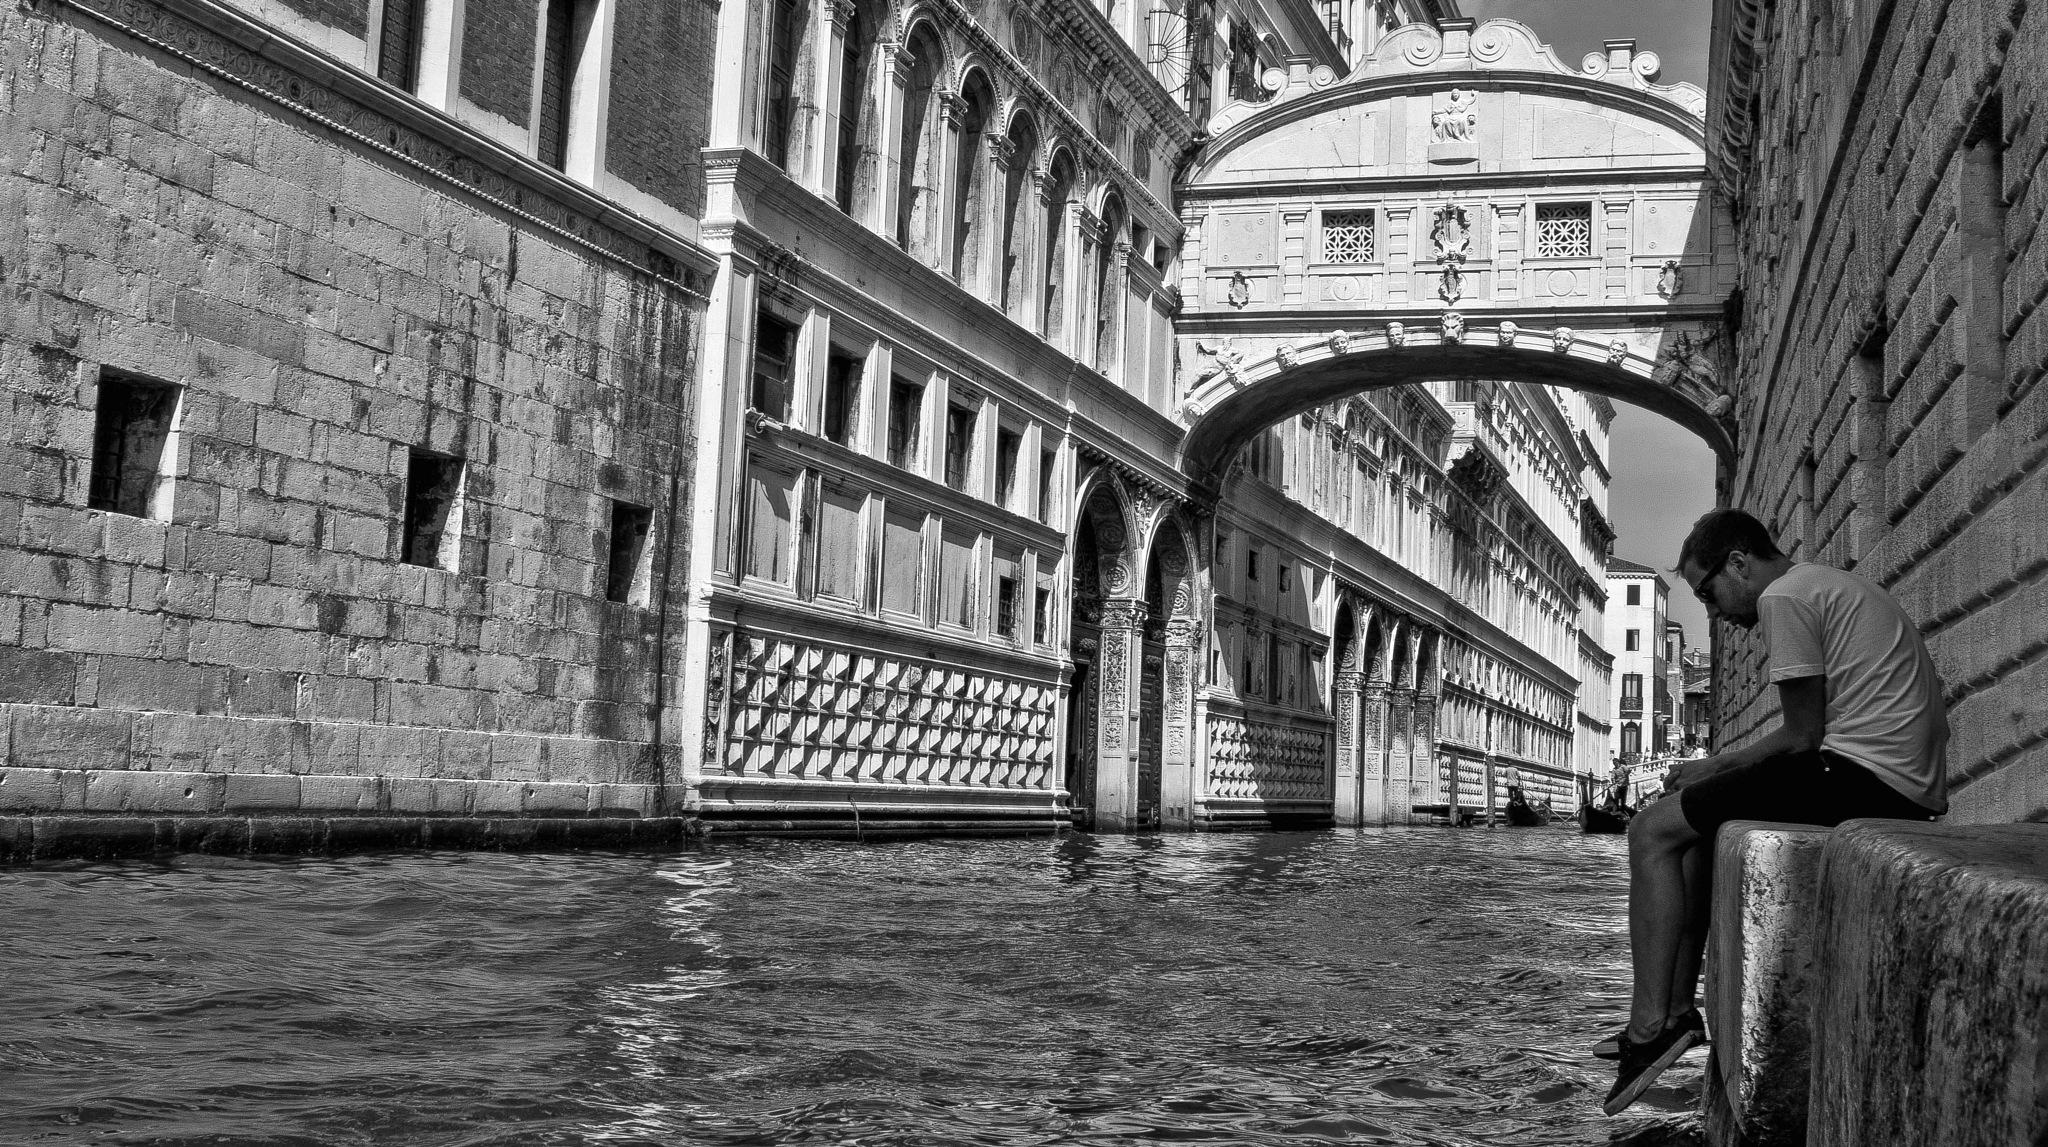 El puente de los suspiros by oscarruben_suarez